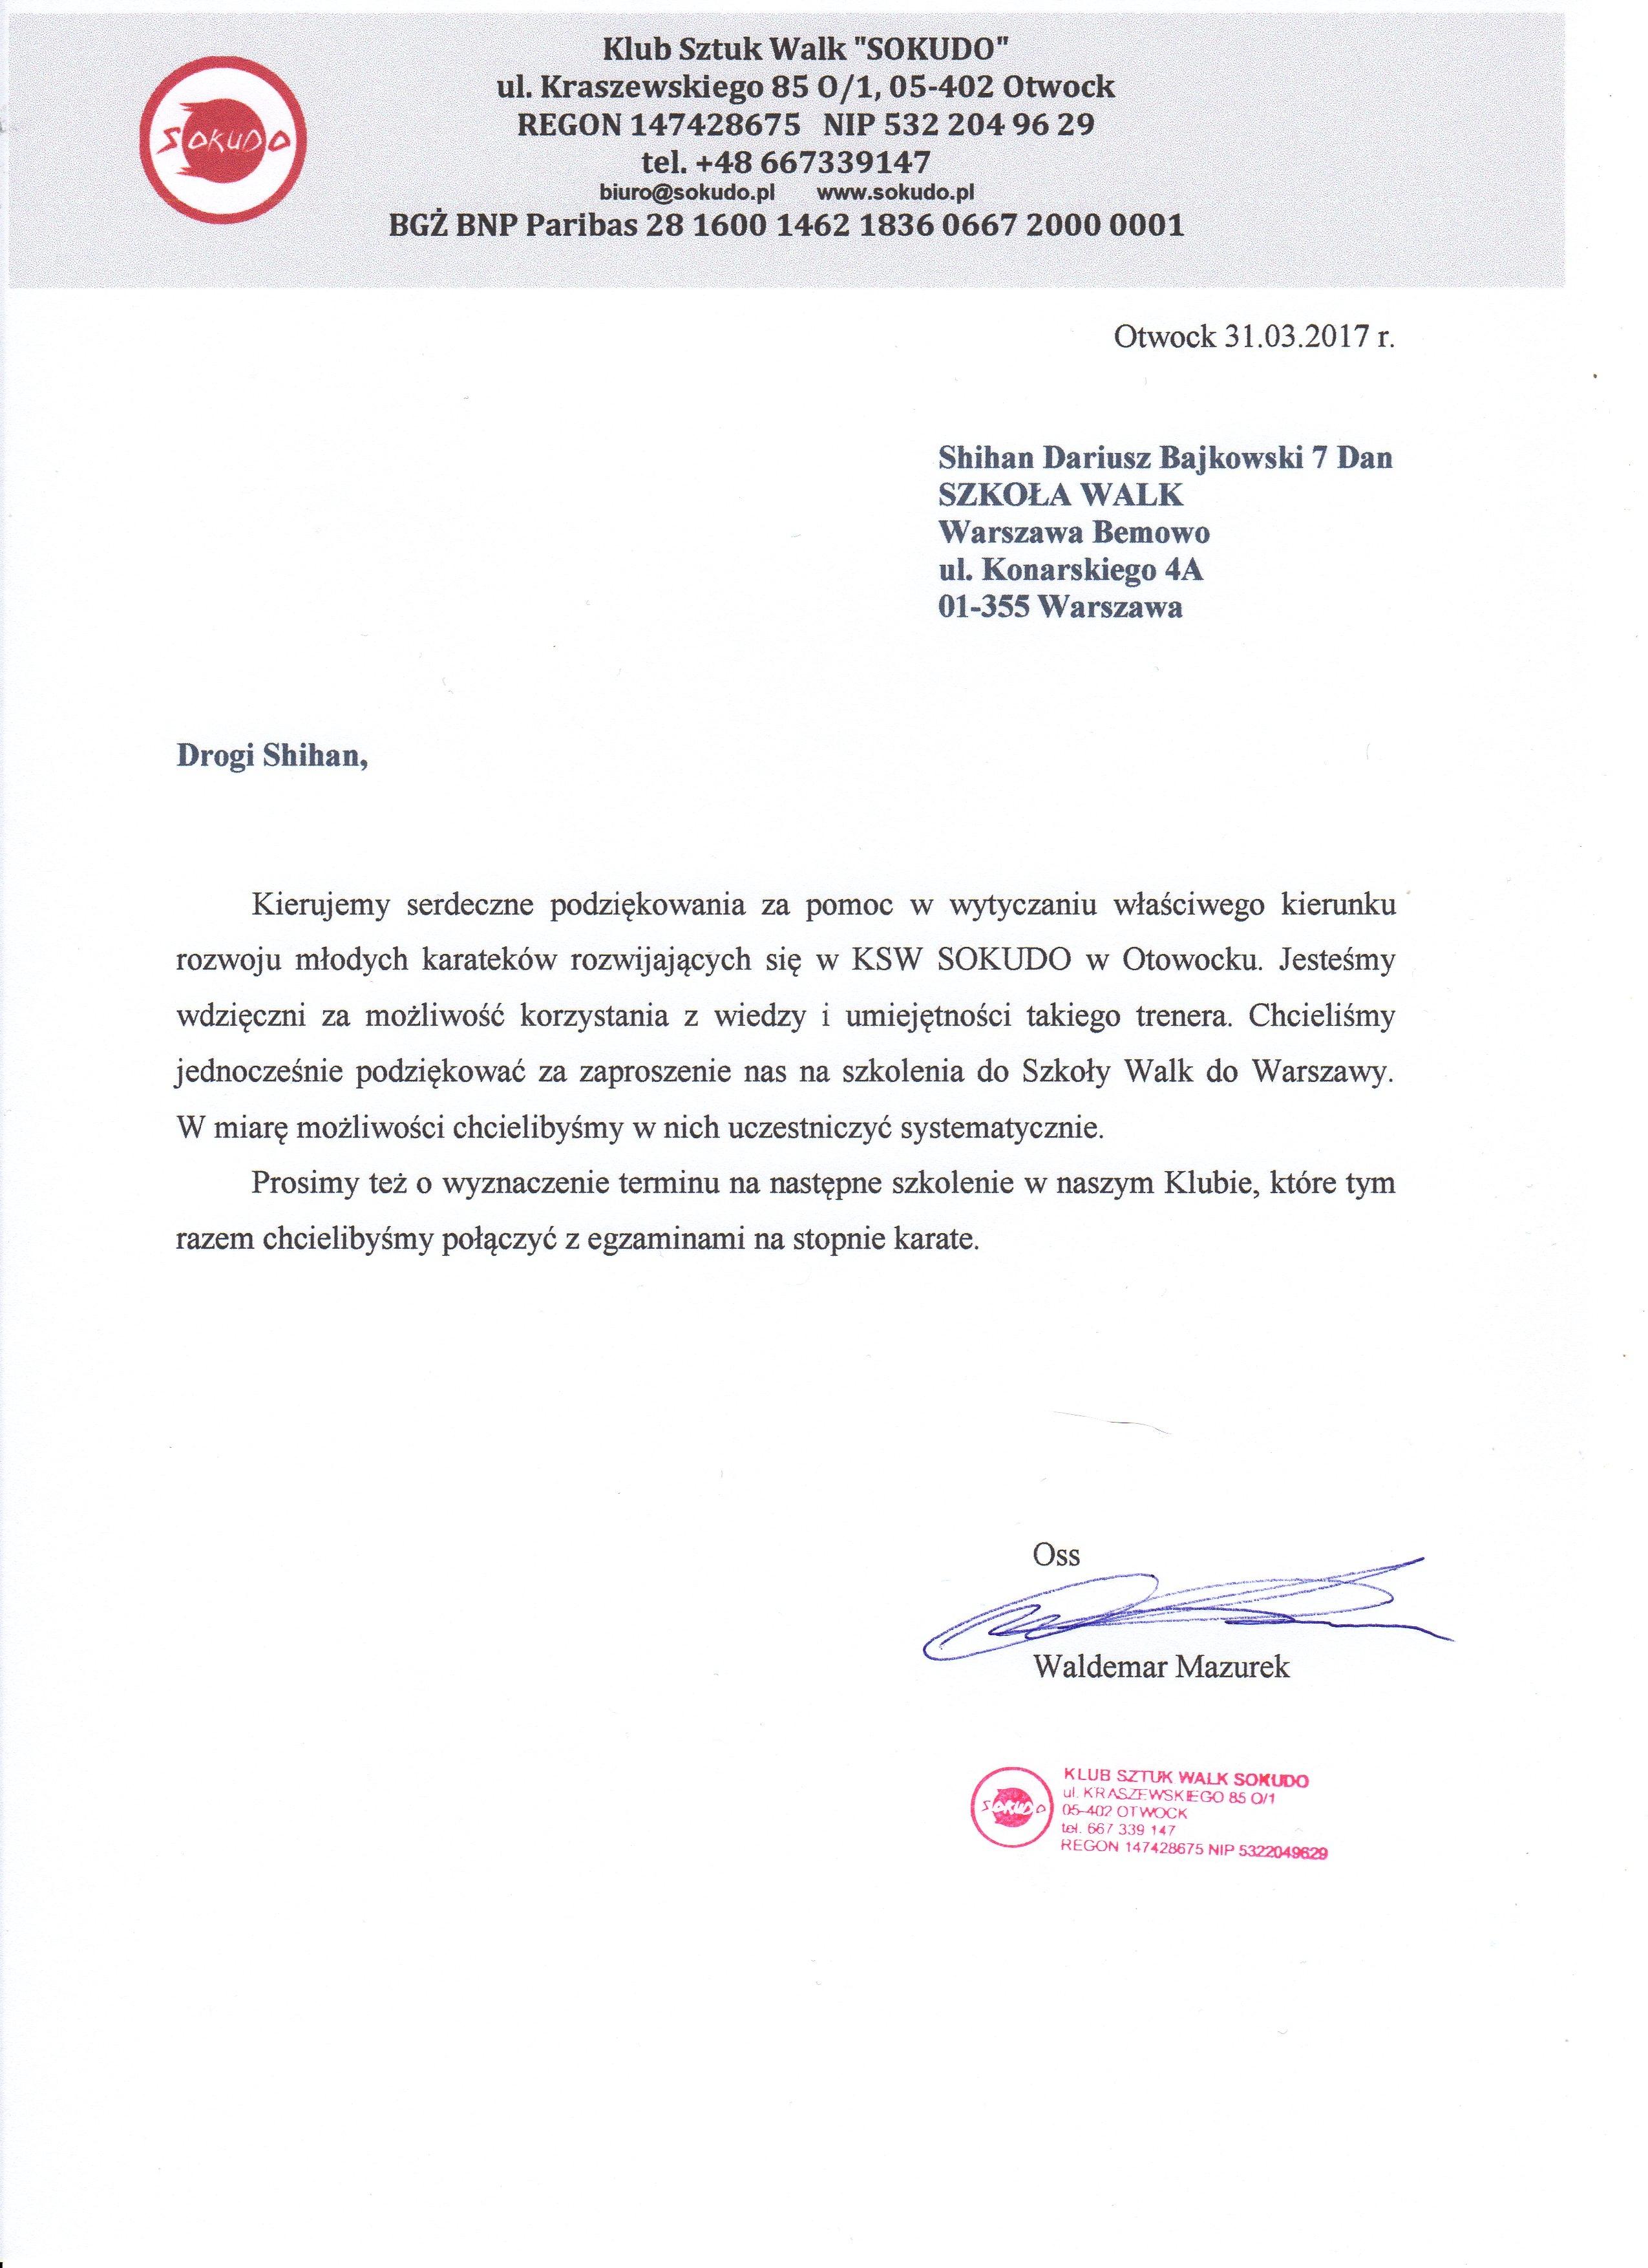 Dariusz-Bajkowski-SOKUDO